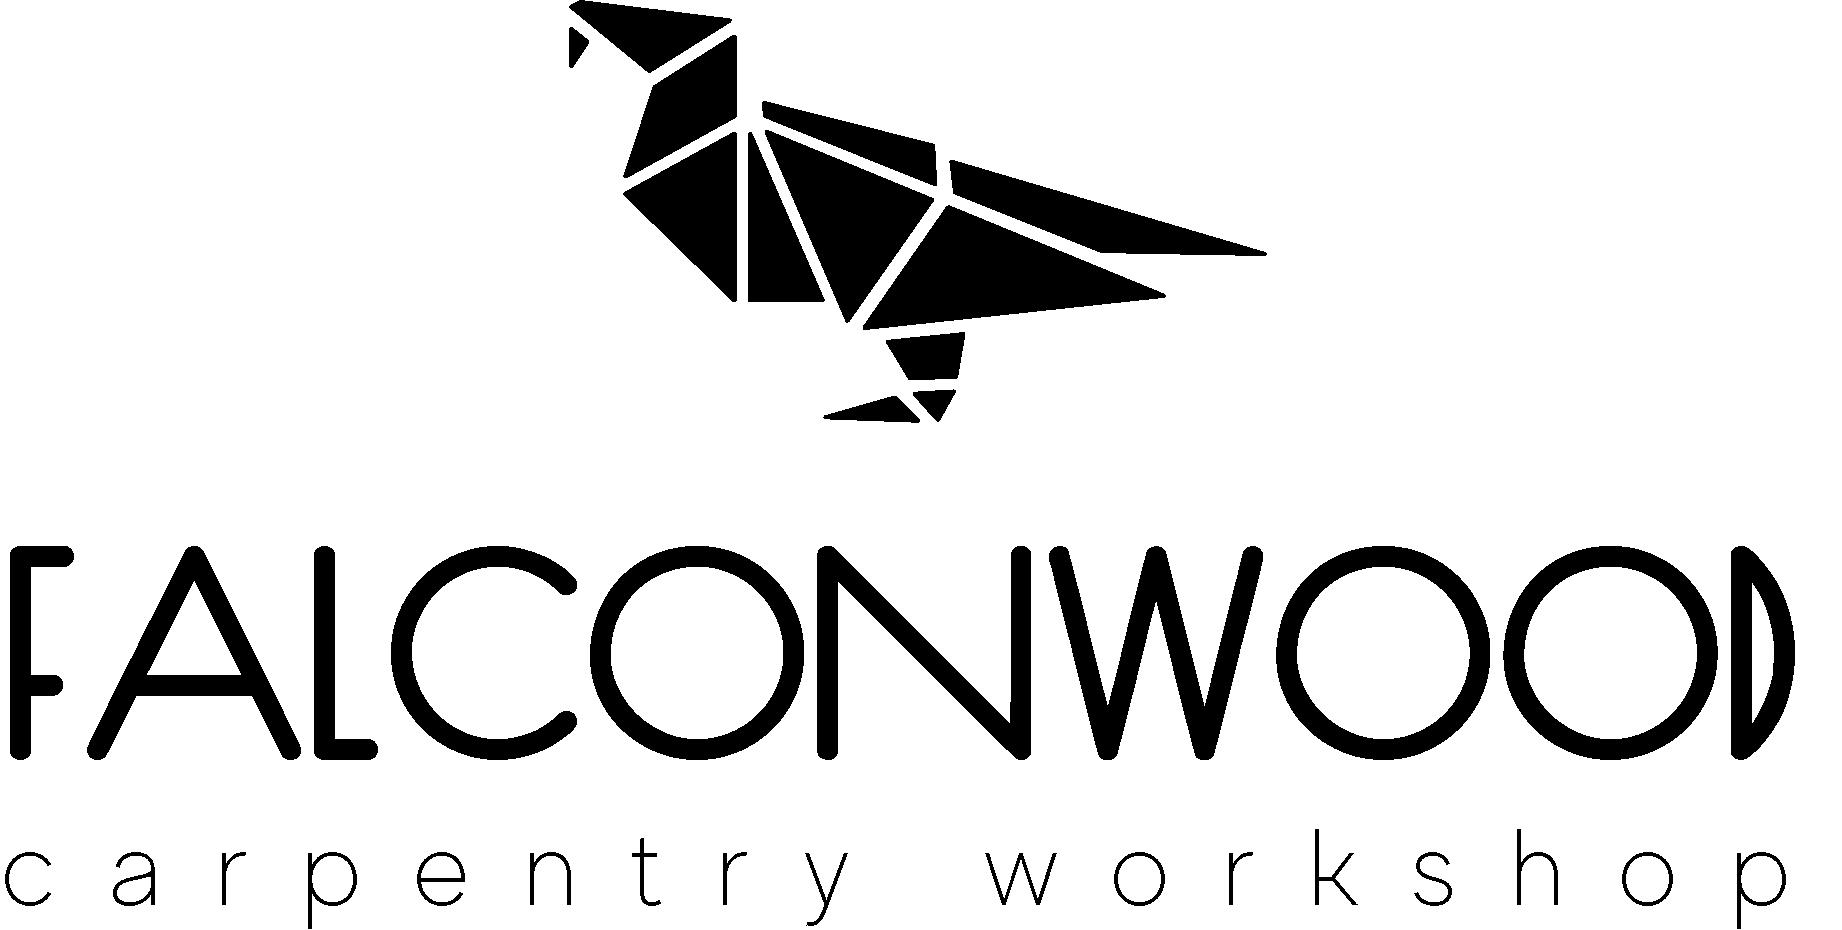 Дизайн логотипа столярной мастерской фото f_7595cfe7a77a60b2.png